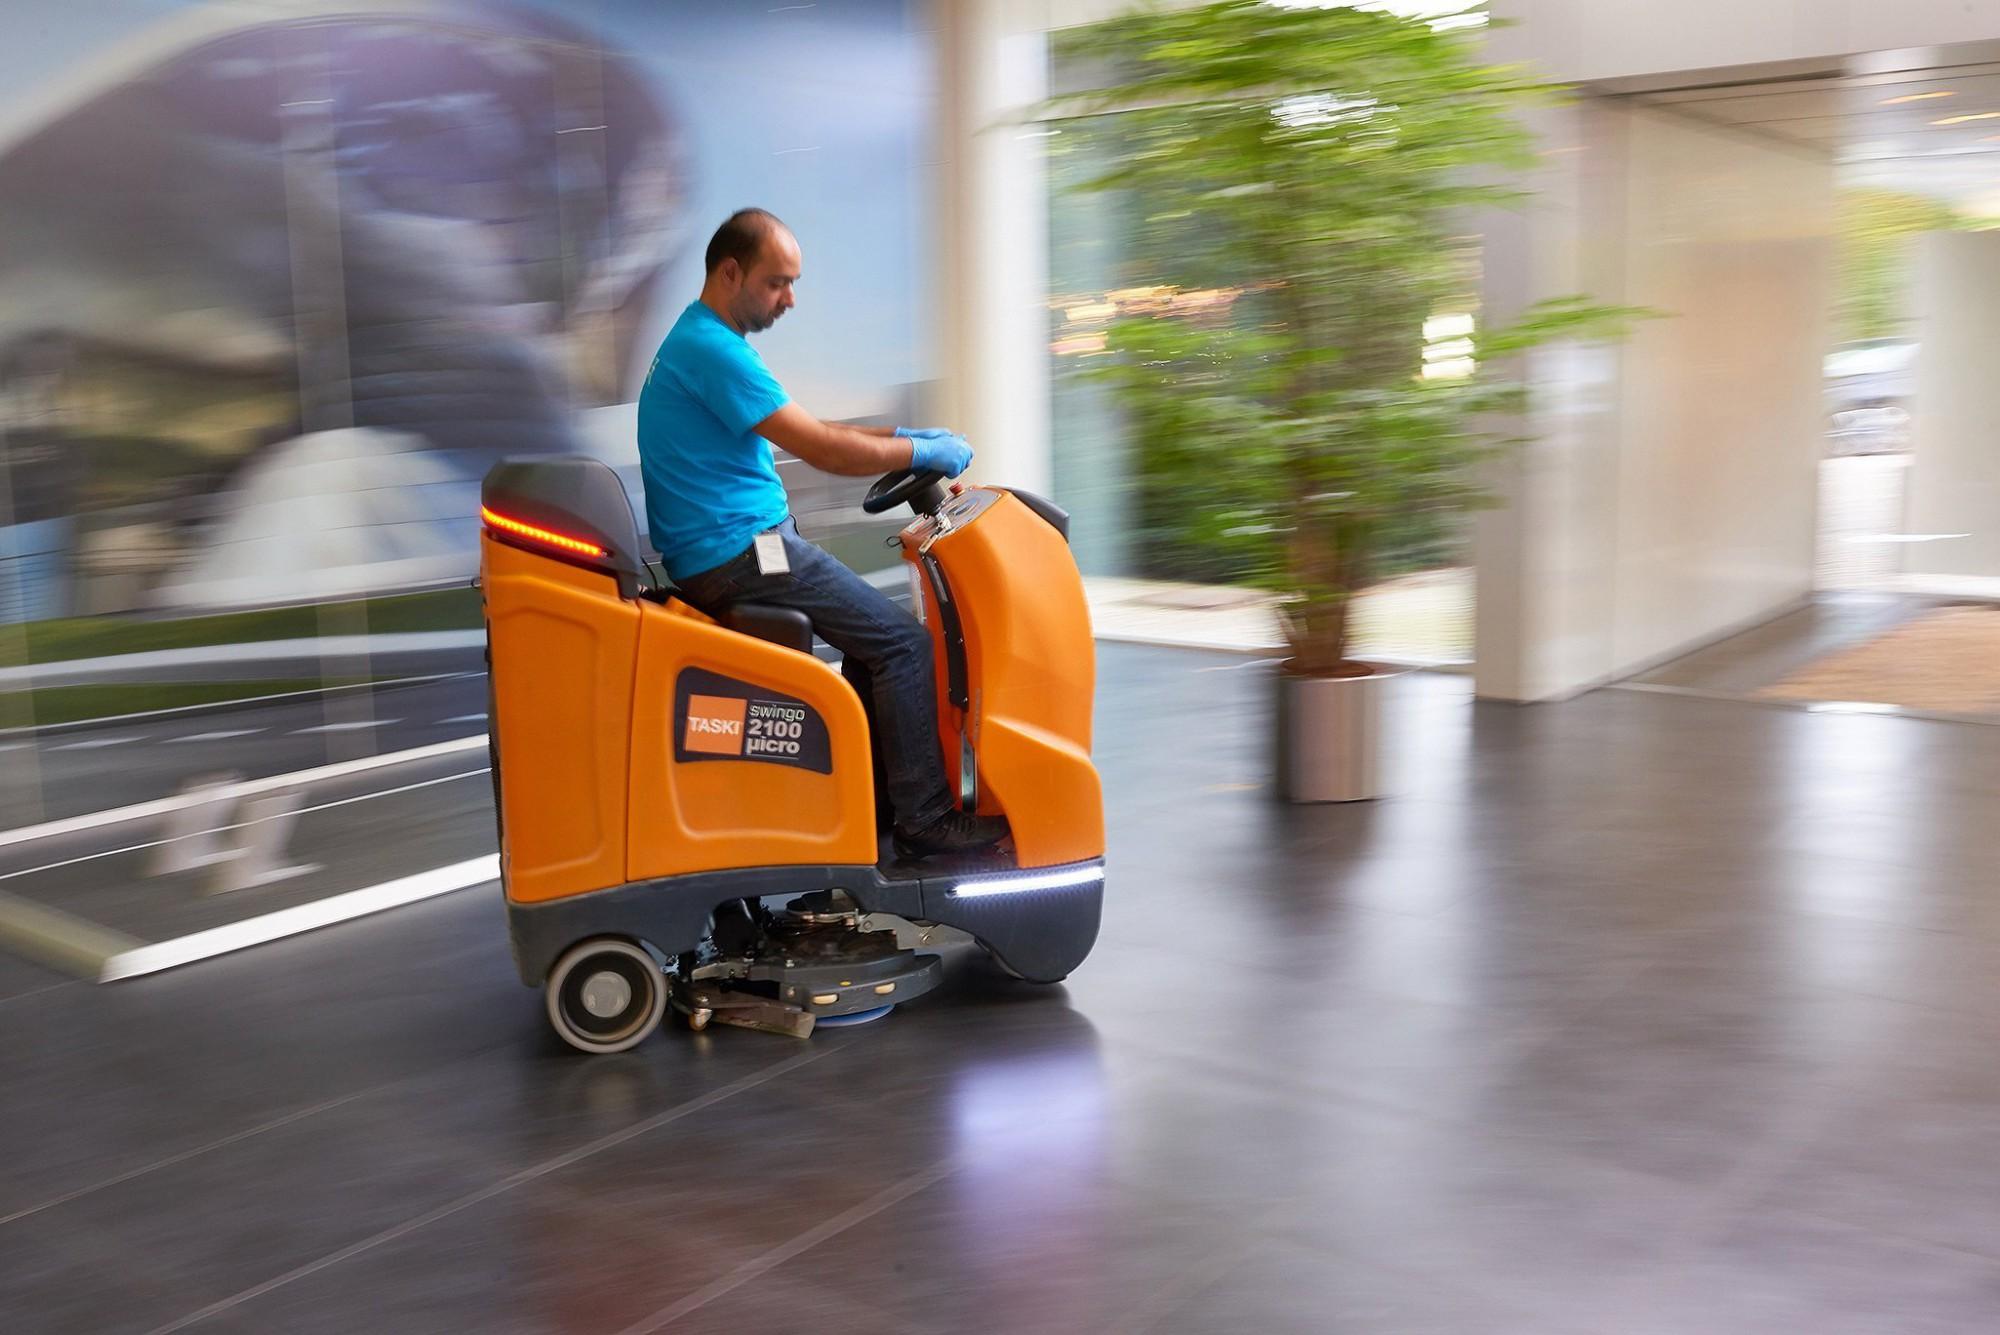 Afbeelding: Bedrijfsfotografie voor Group-F, poetsen van een kantoorgebouw met een kuismachine.